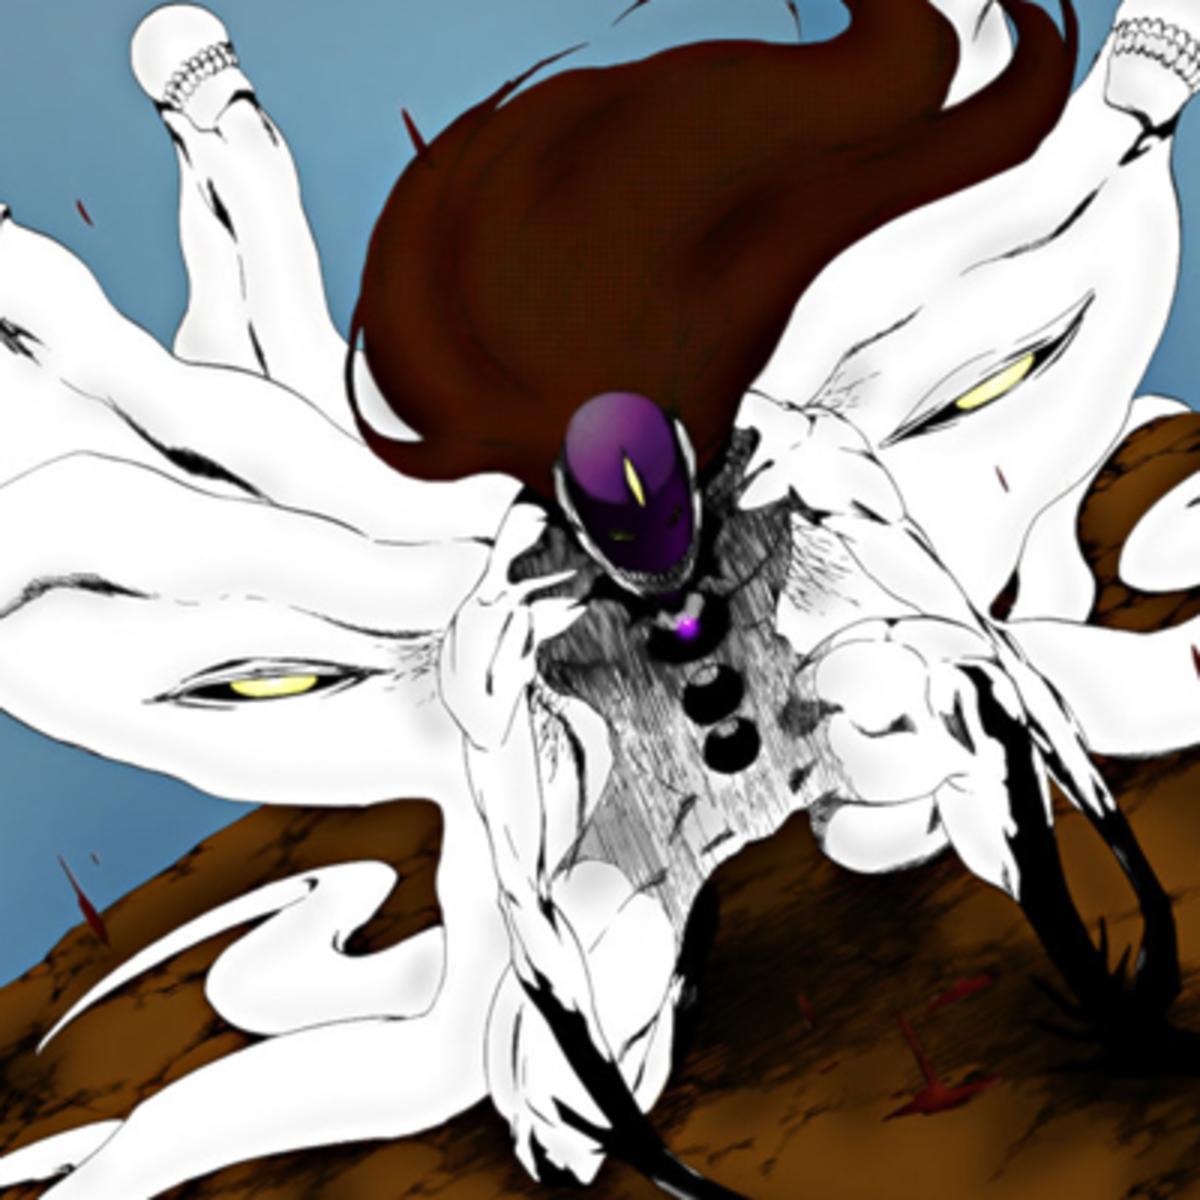 Aizen's final form